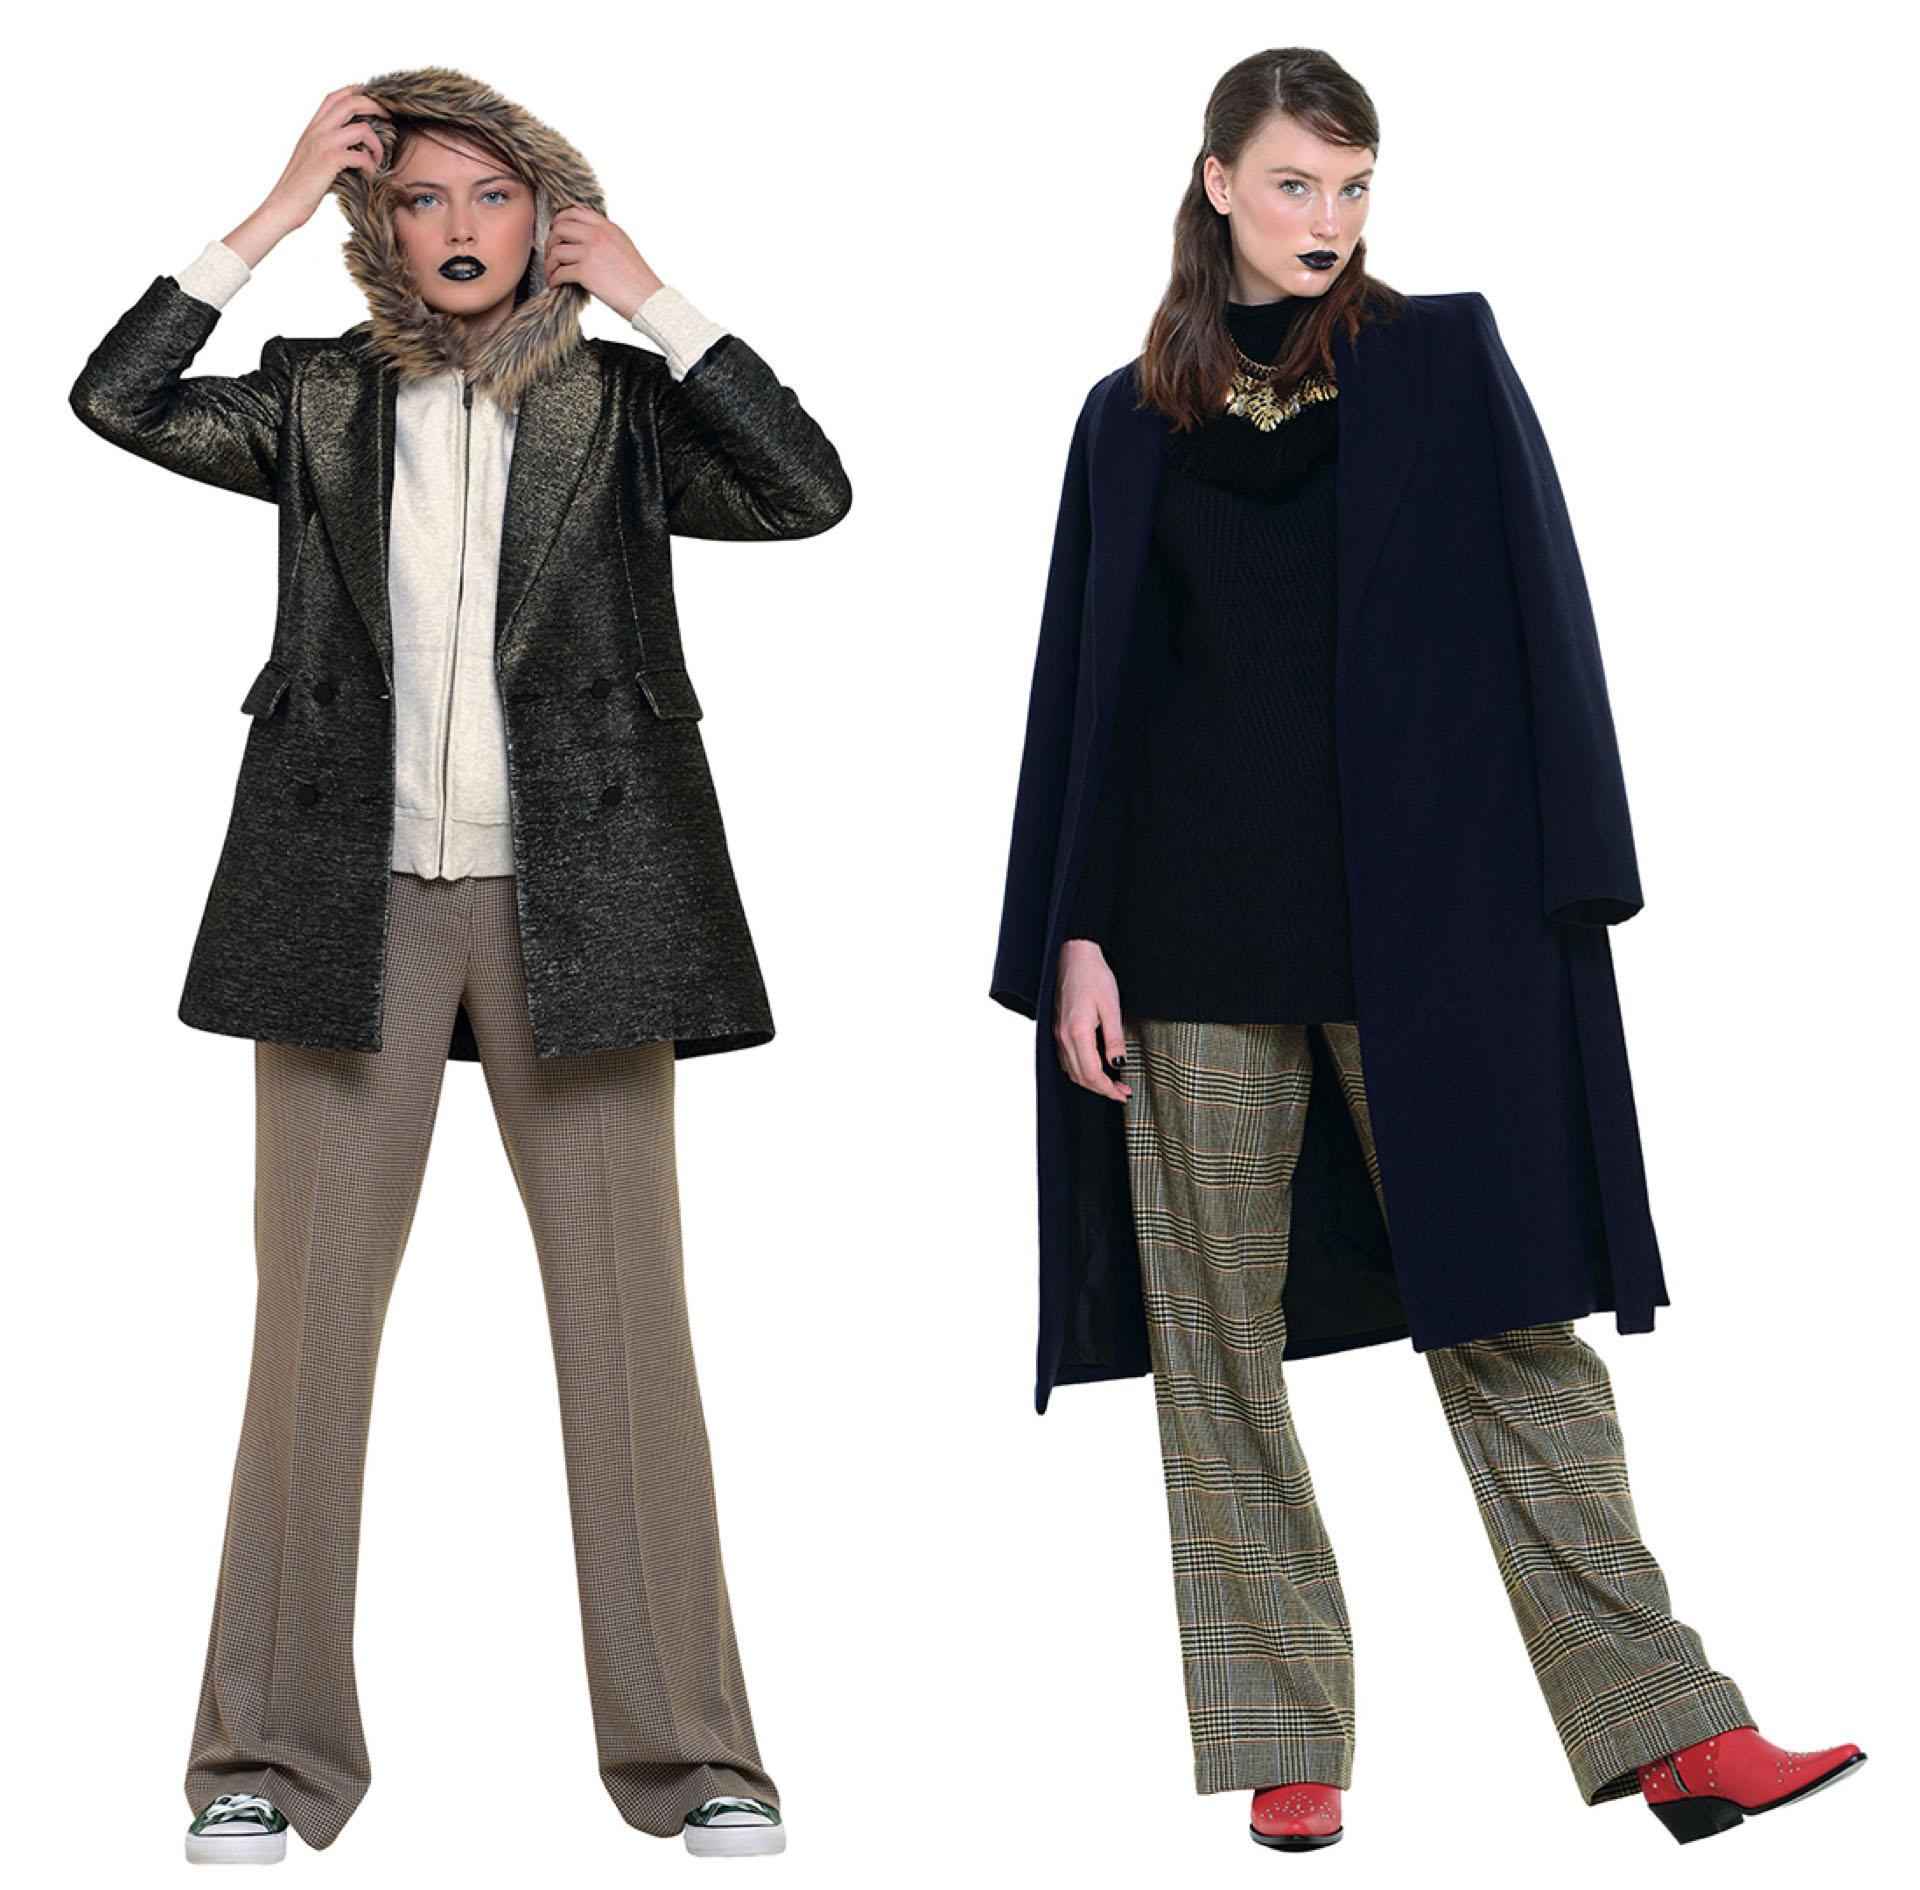 Pantalones anchos para un look lady like.